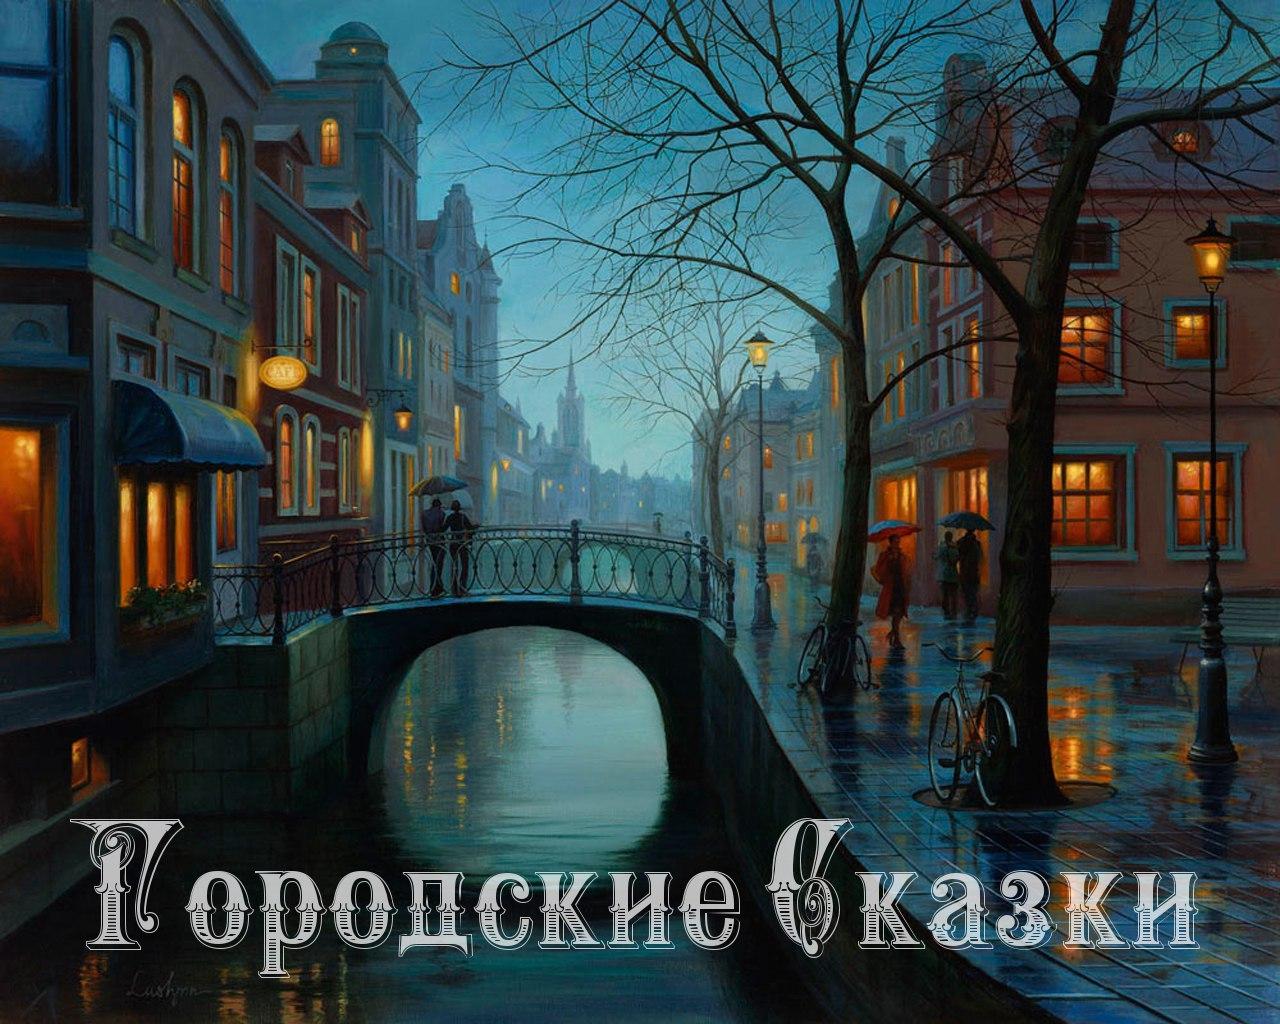 image Знакомство в пушкино 45 55